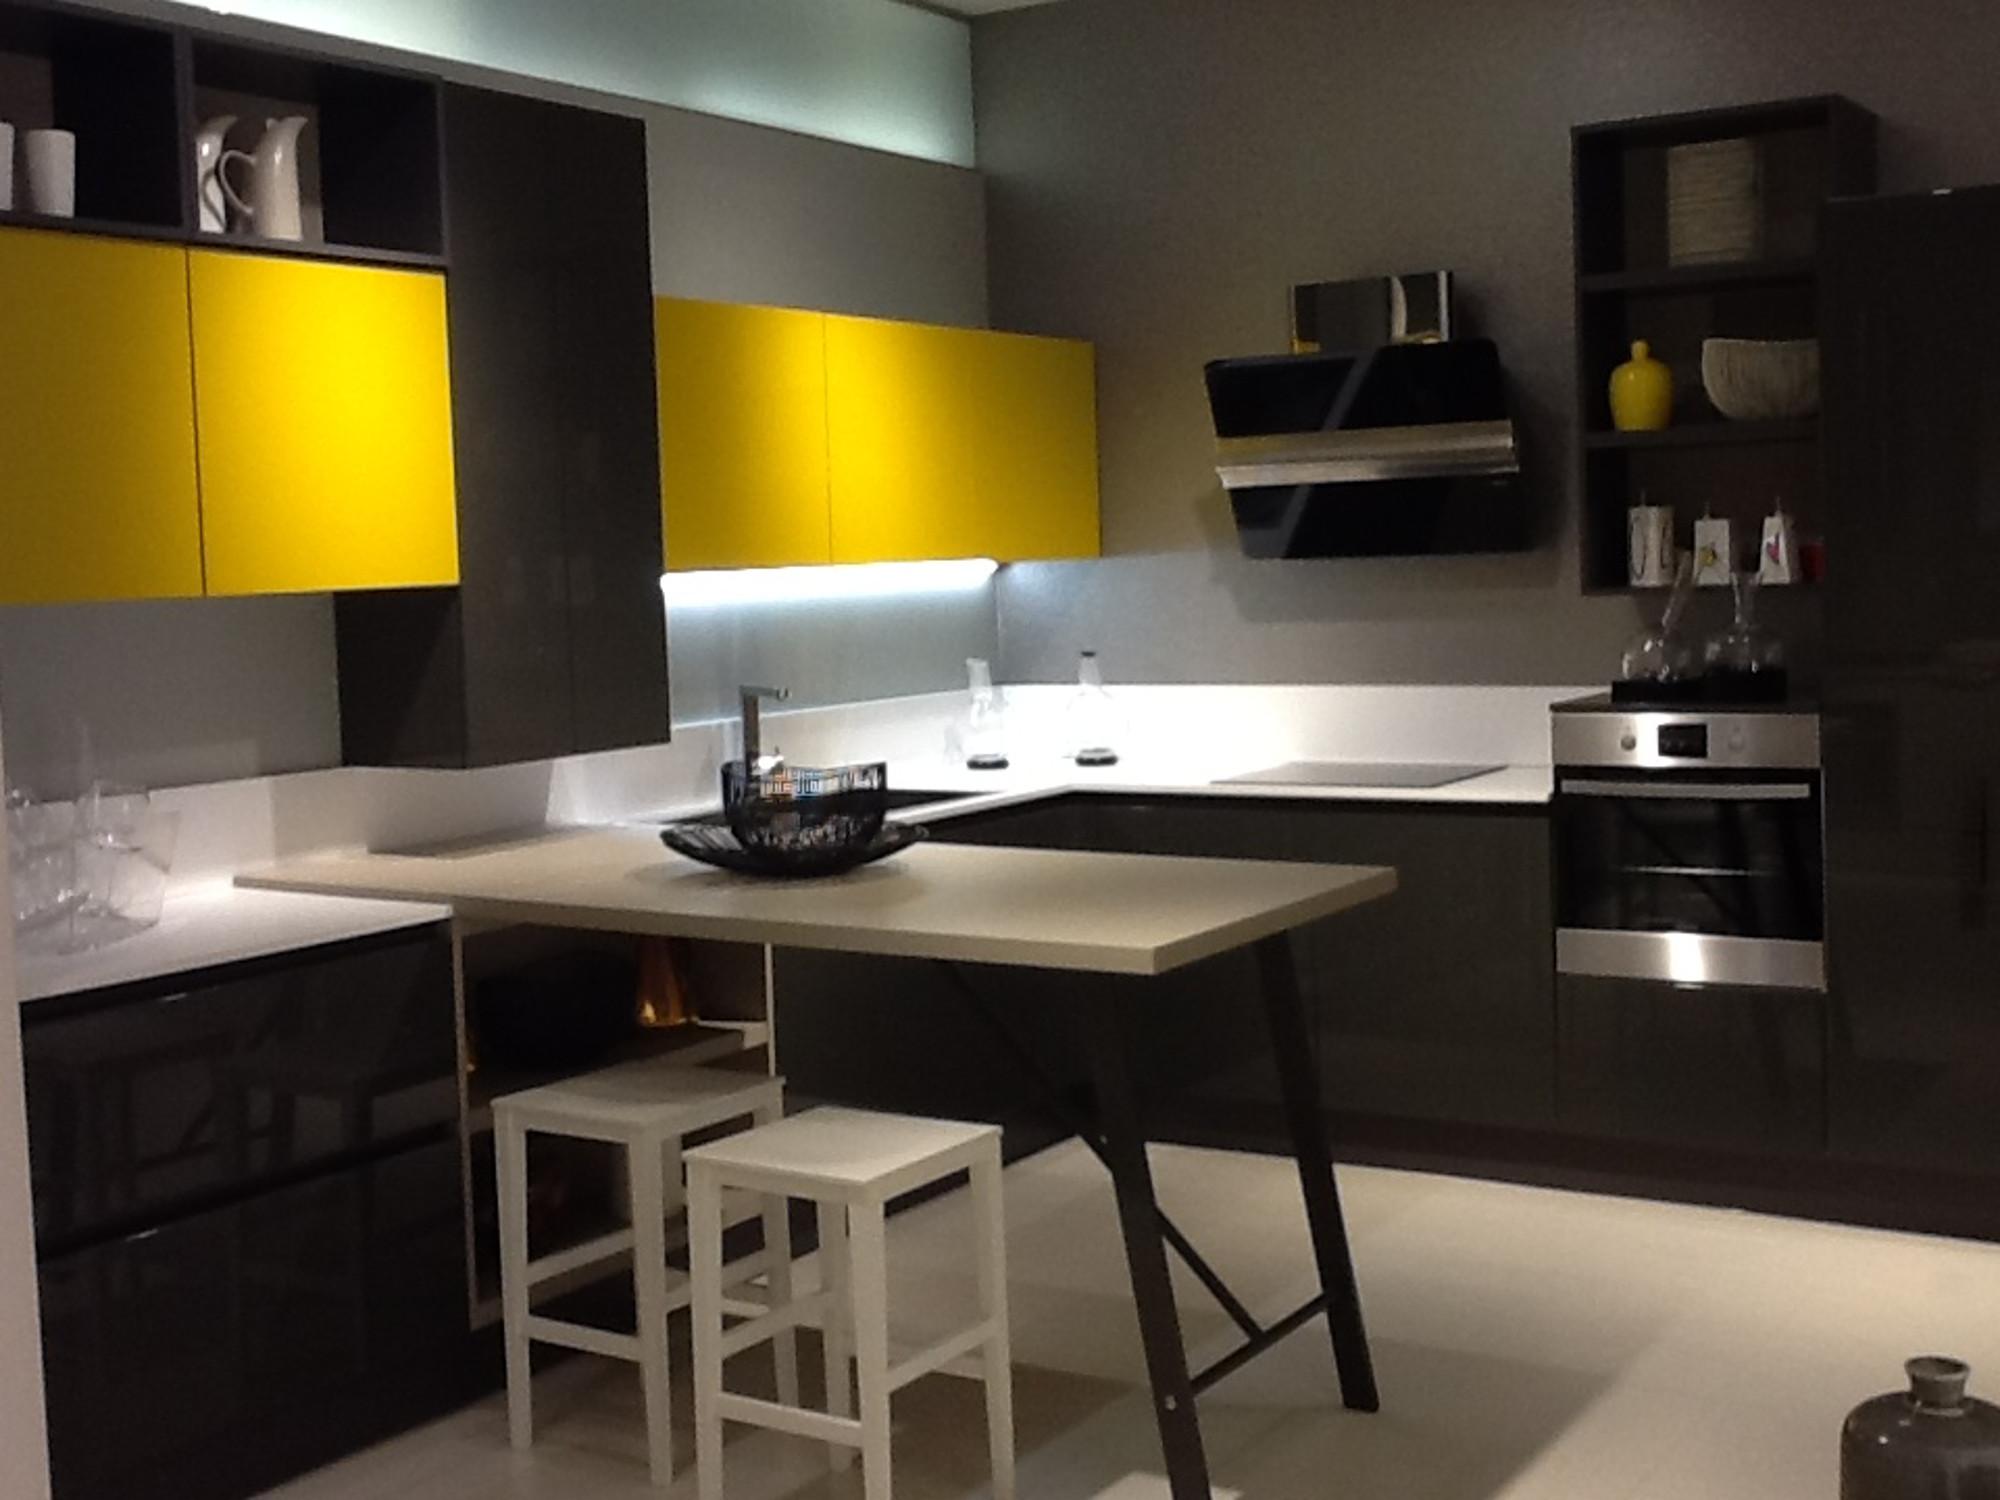 Febal casa milano arredamento cucine soggiorni divani camere da letto - Cucine classiche febal ...